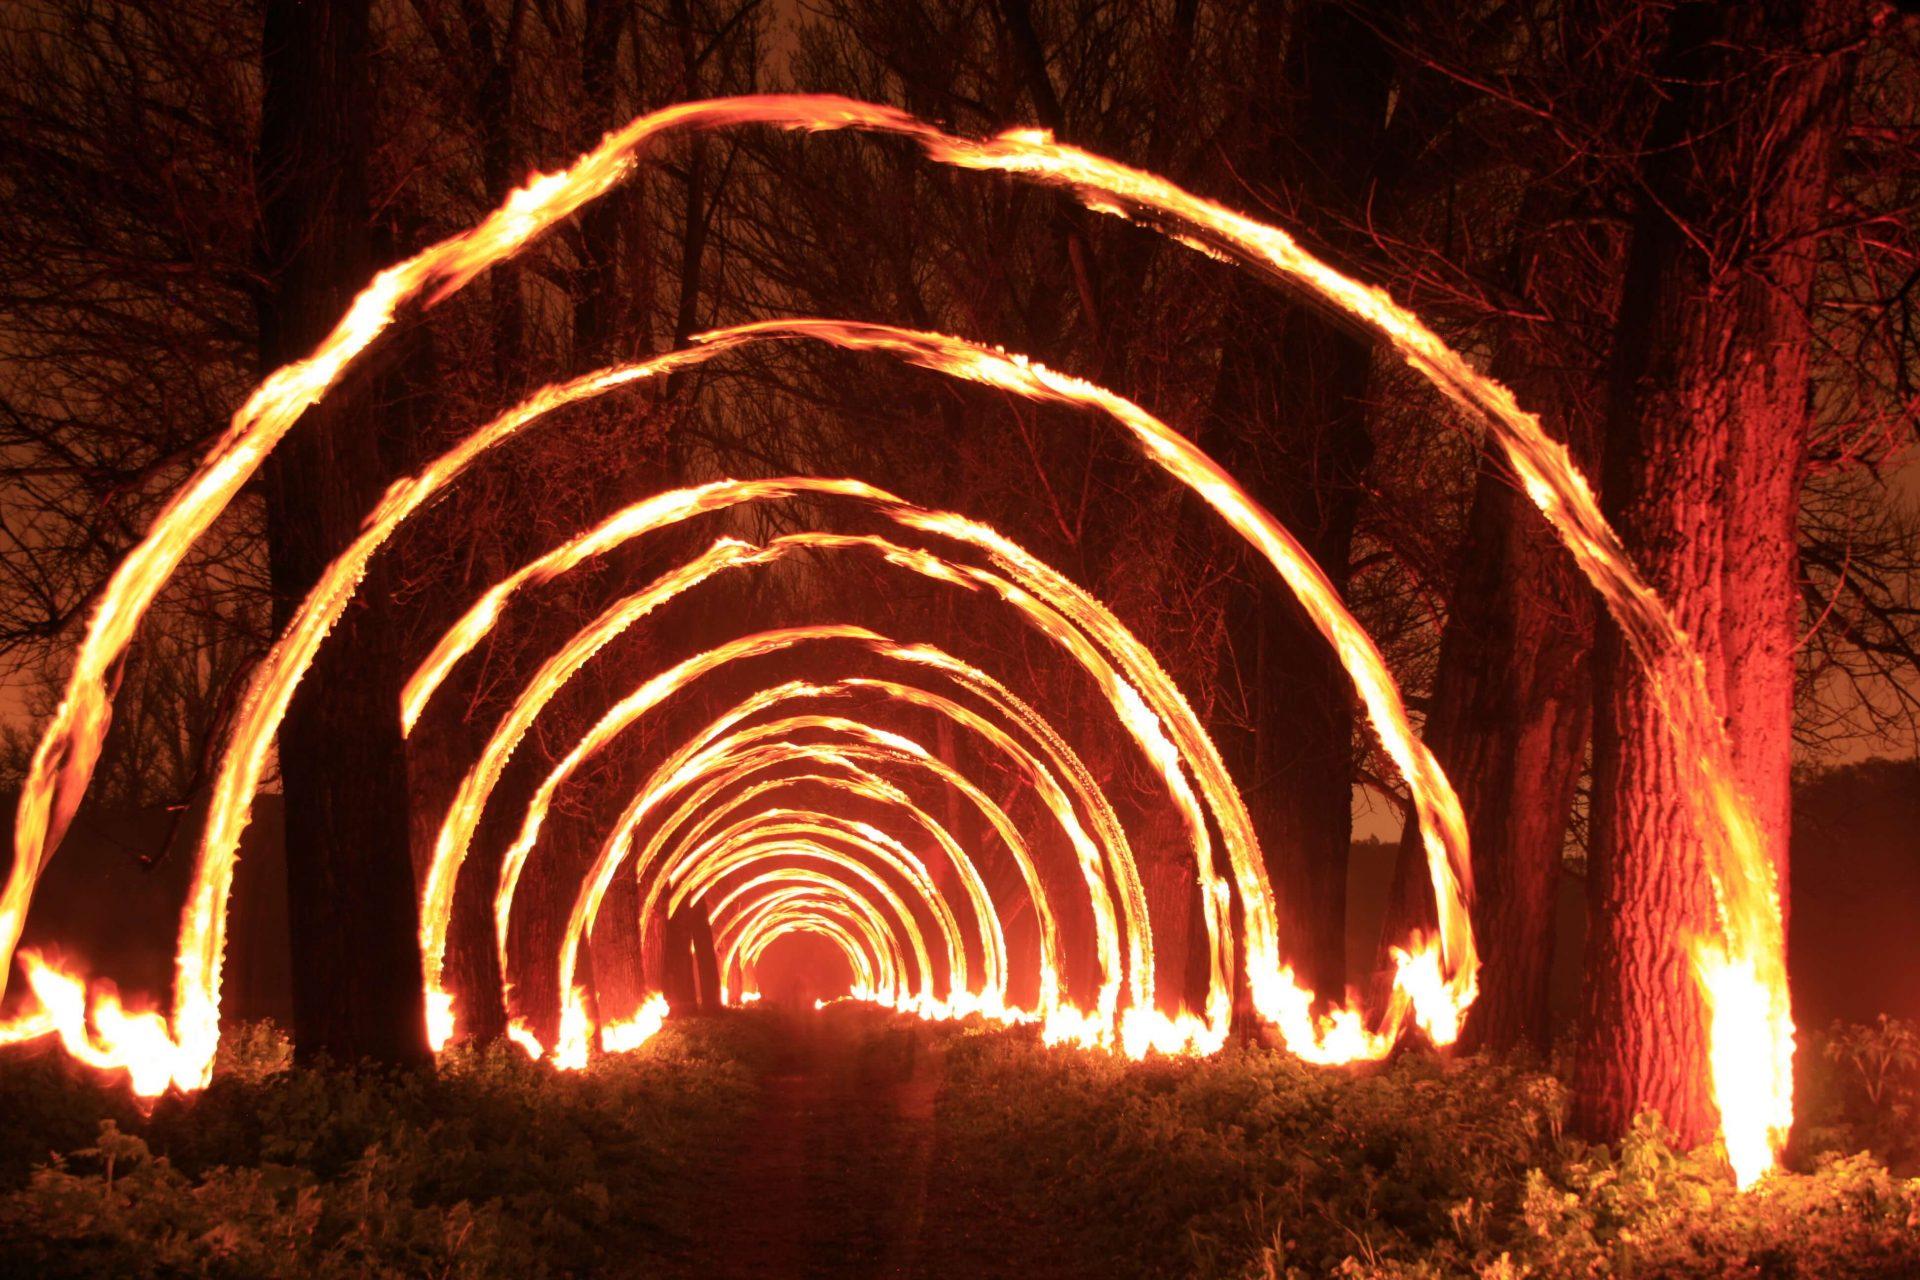 Безліч вогняних півкіл утворюють коридор між деревами на нічному фото на фестивалі ARTPOLE.LU